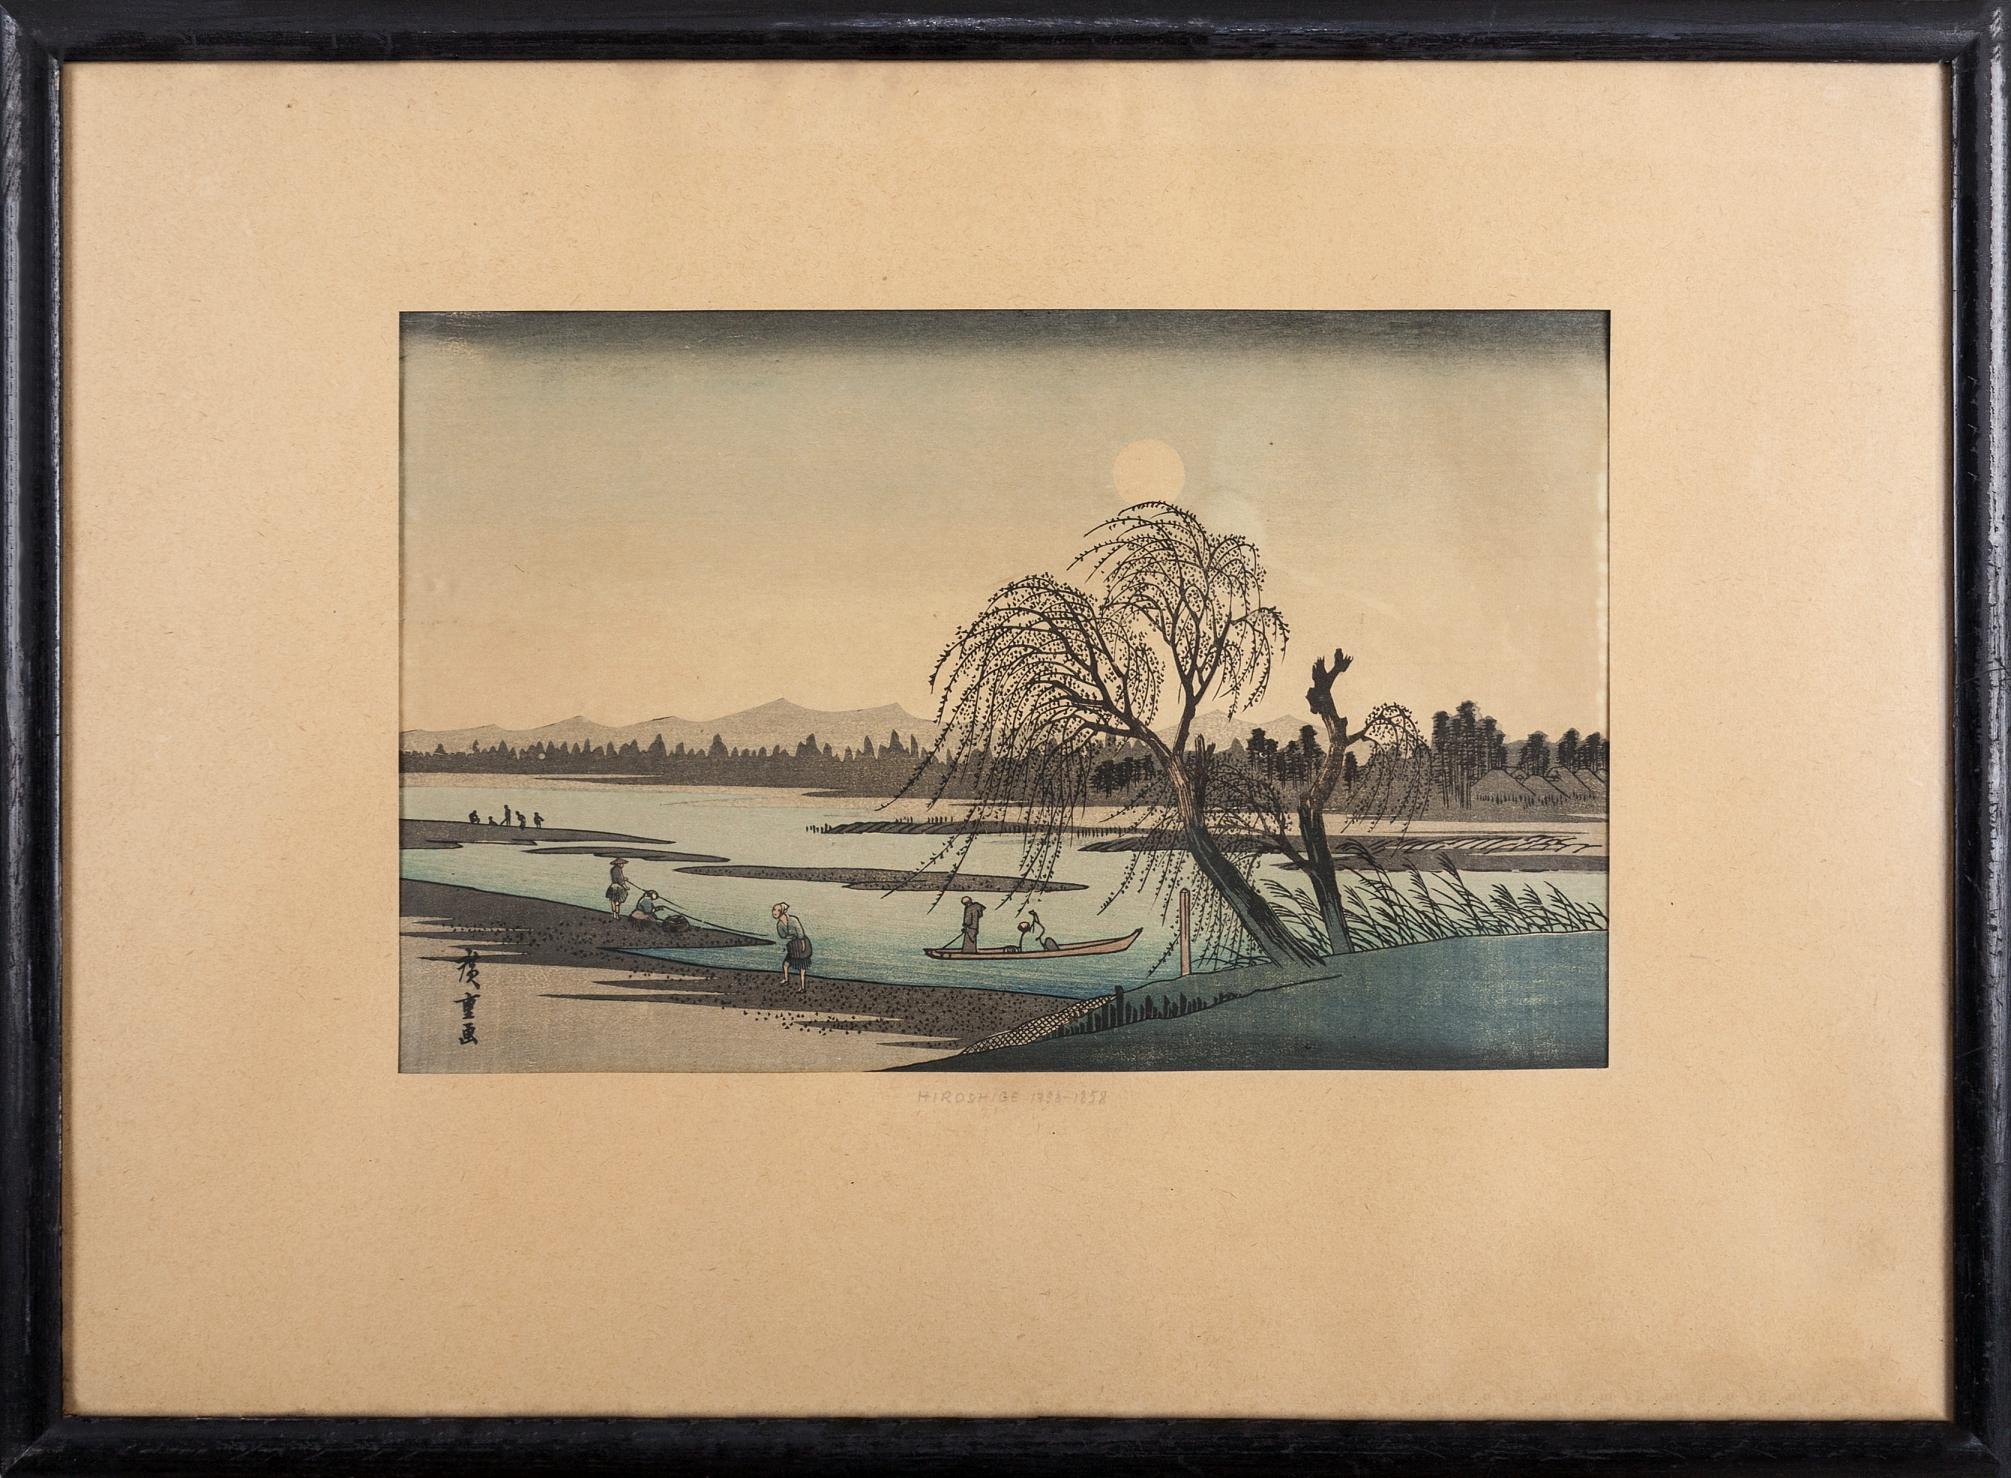 HIROSHIGE Andō (Utagawa) (1797 Edo - obecnie Tokio - 1858), Postacie nad rzeką Tama